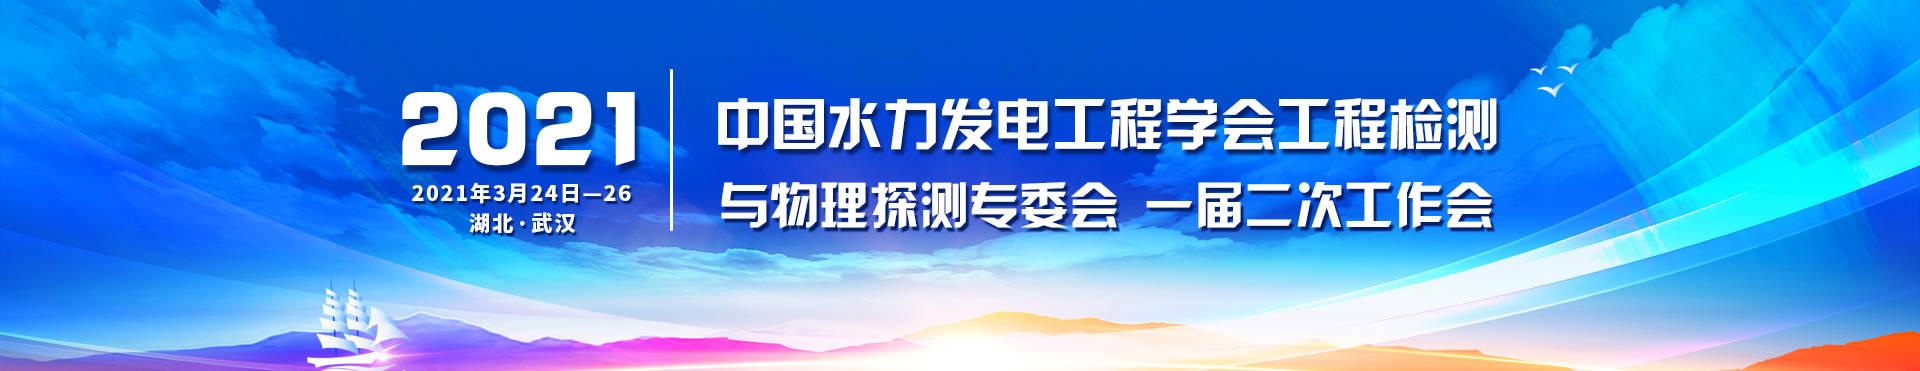 中国水力发电工程学会工程检测与物理探测专委会一届二次工作会通知